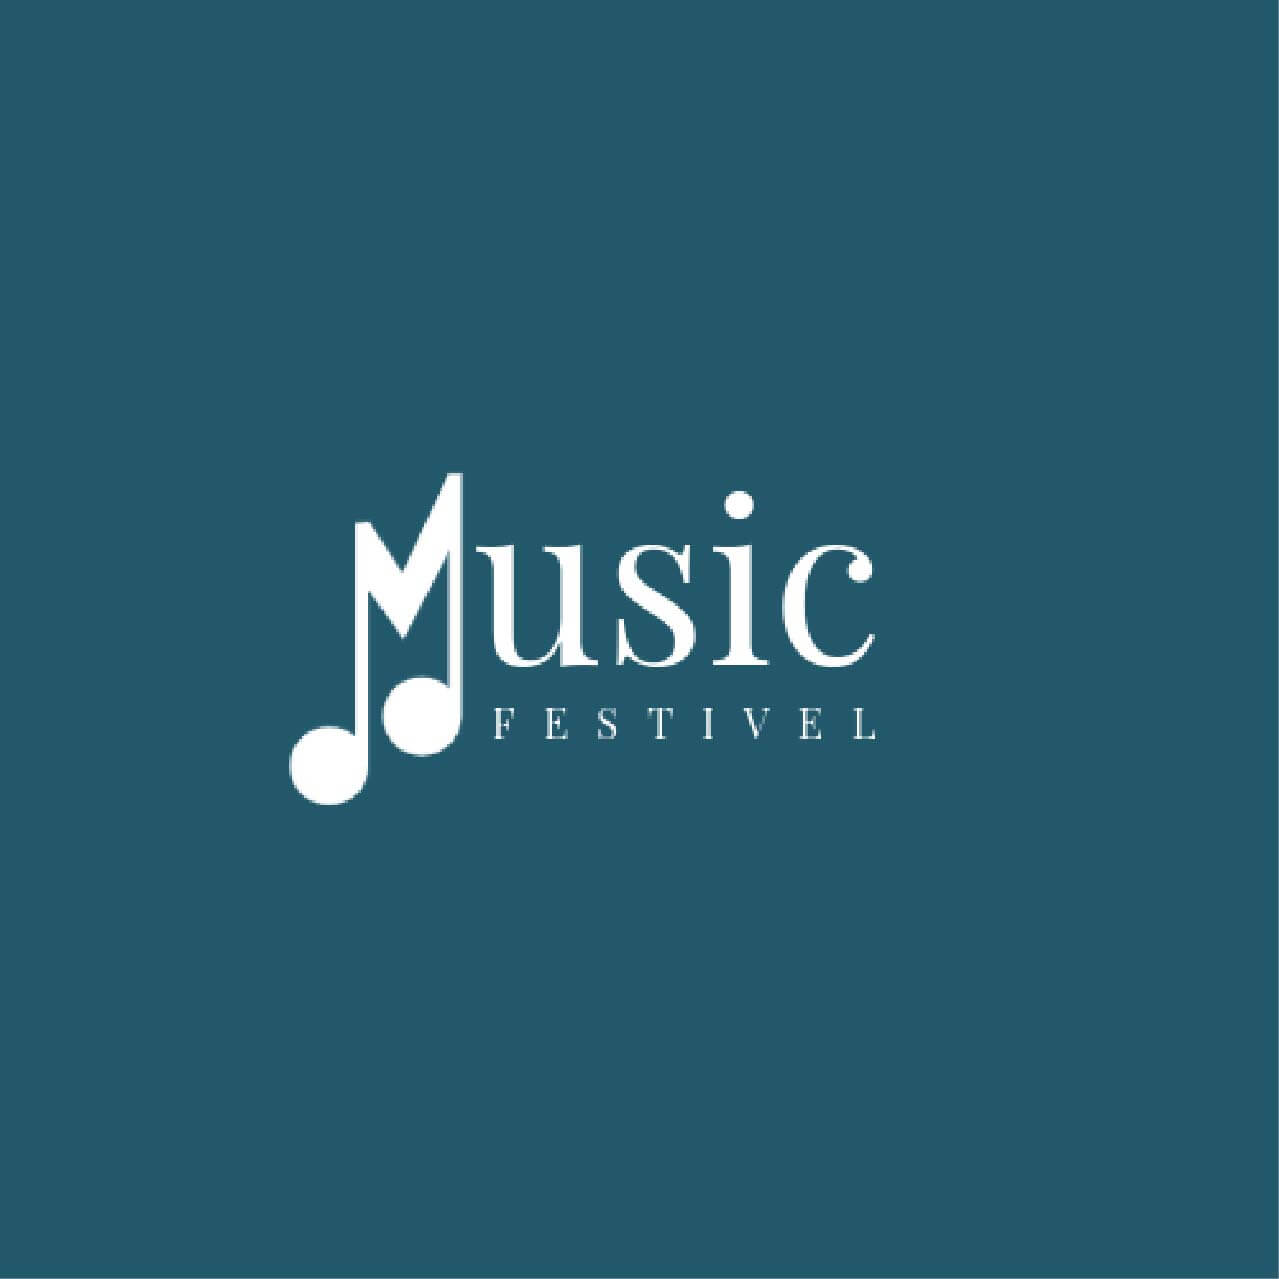 Music logo maker